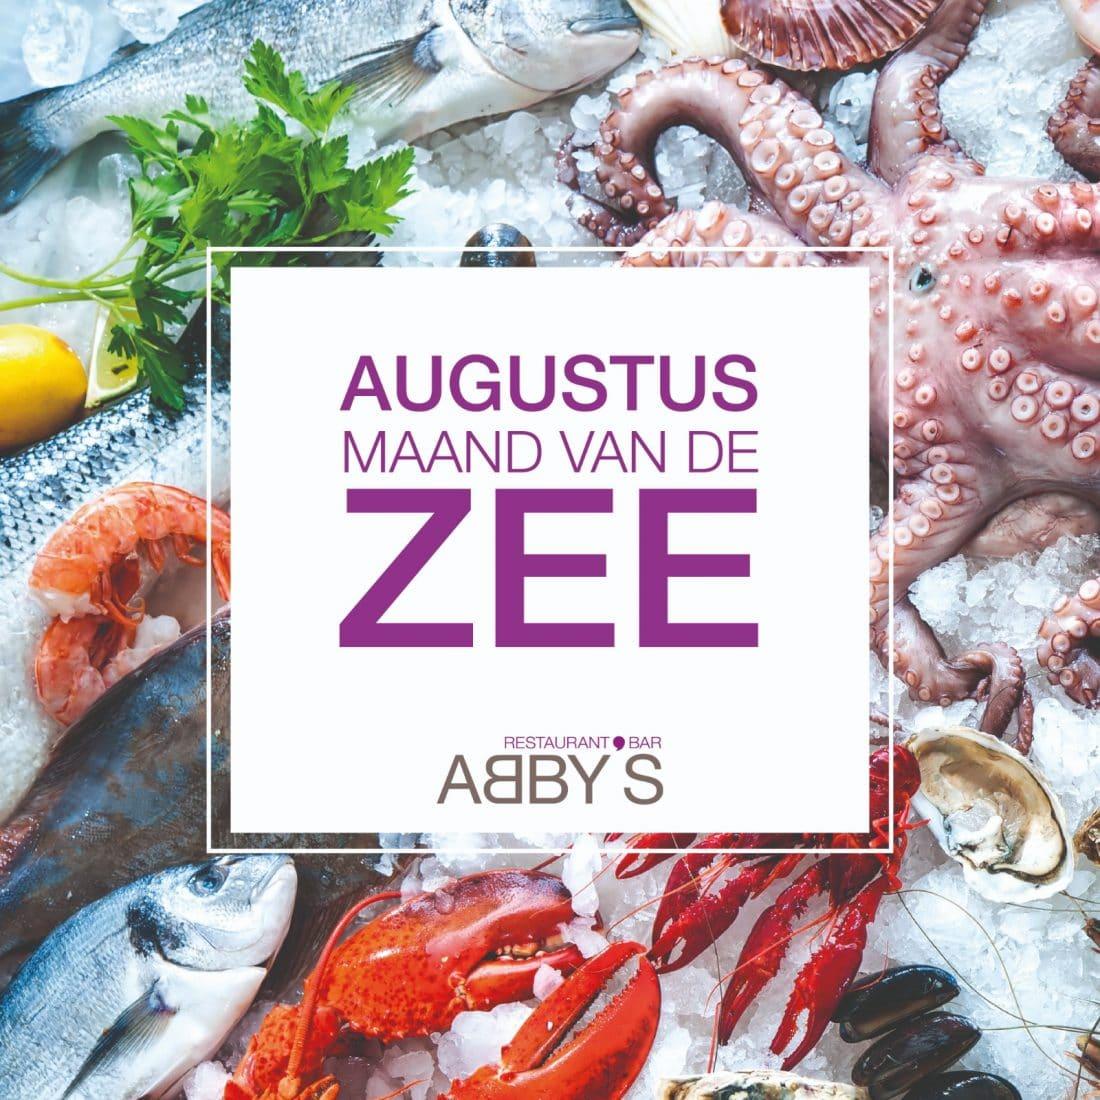 Abby's Restaurant Alkmaar Maand van de Zee